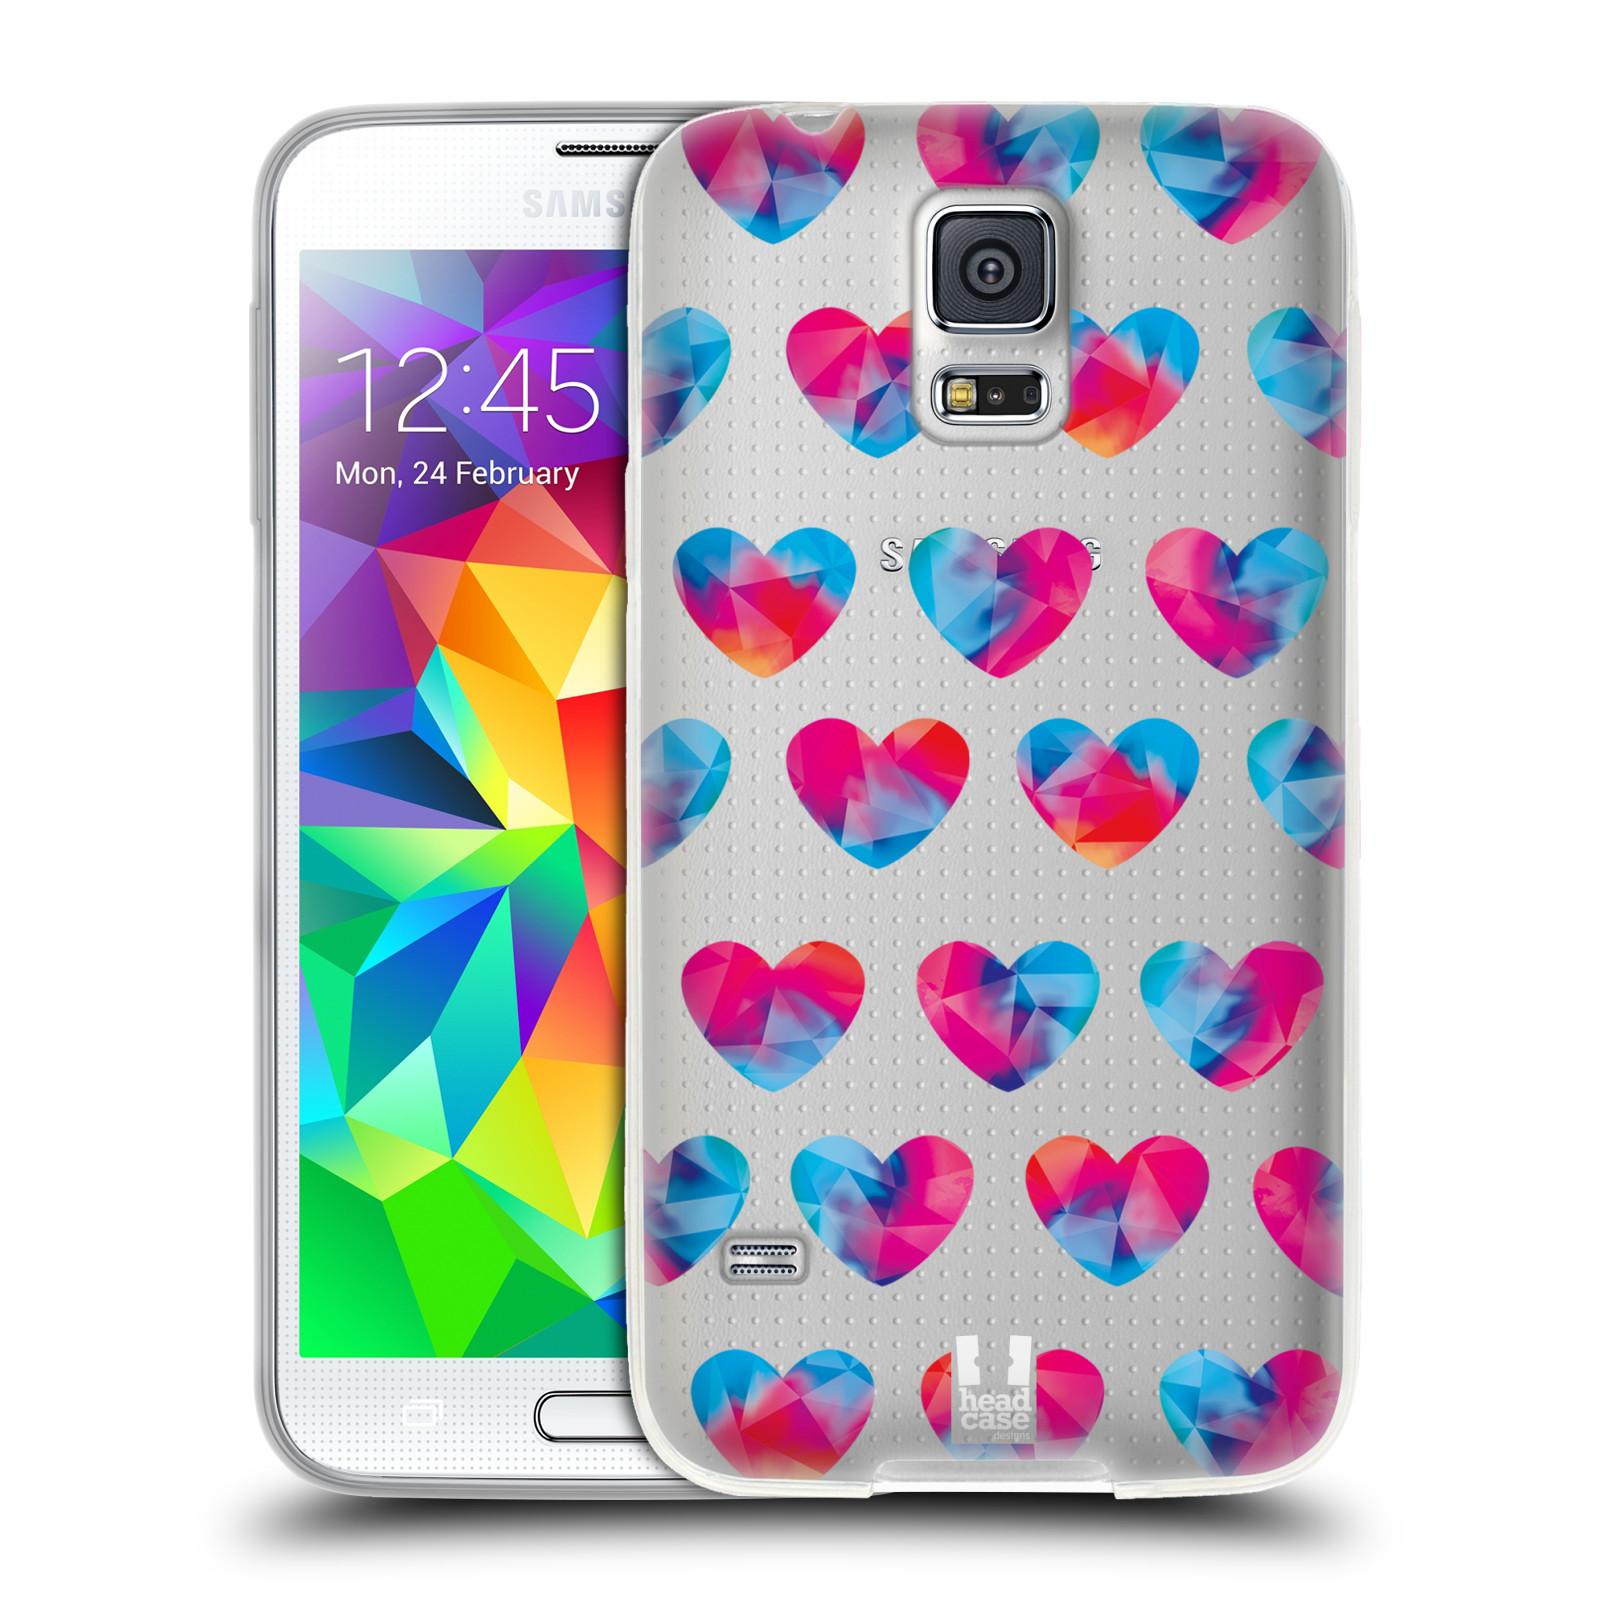 Silikonové pouzdro na mobil Samsung Galaxy S5 - Head Case - Srdíčka hrající barvami